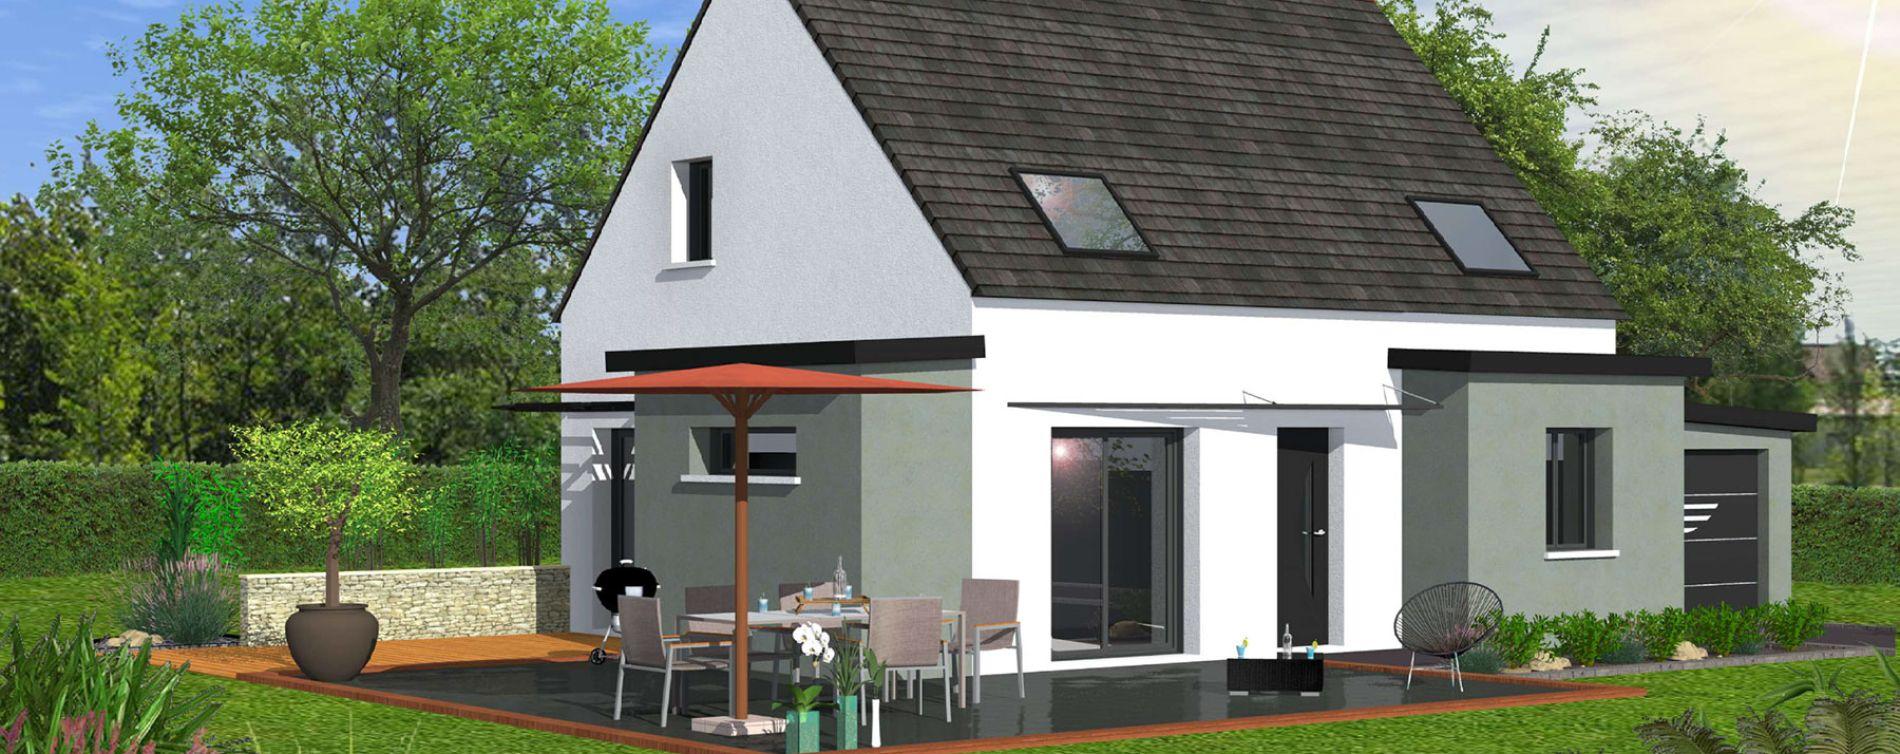 Saint-Pol-de-Léon : programme immobilier neuve « Mary Stuart » (5)